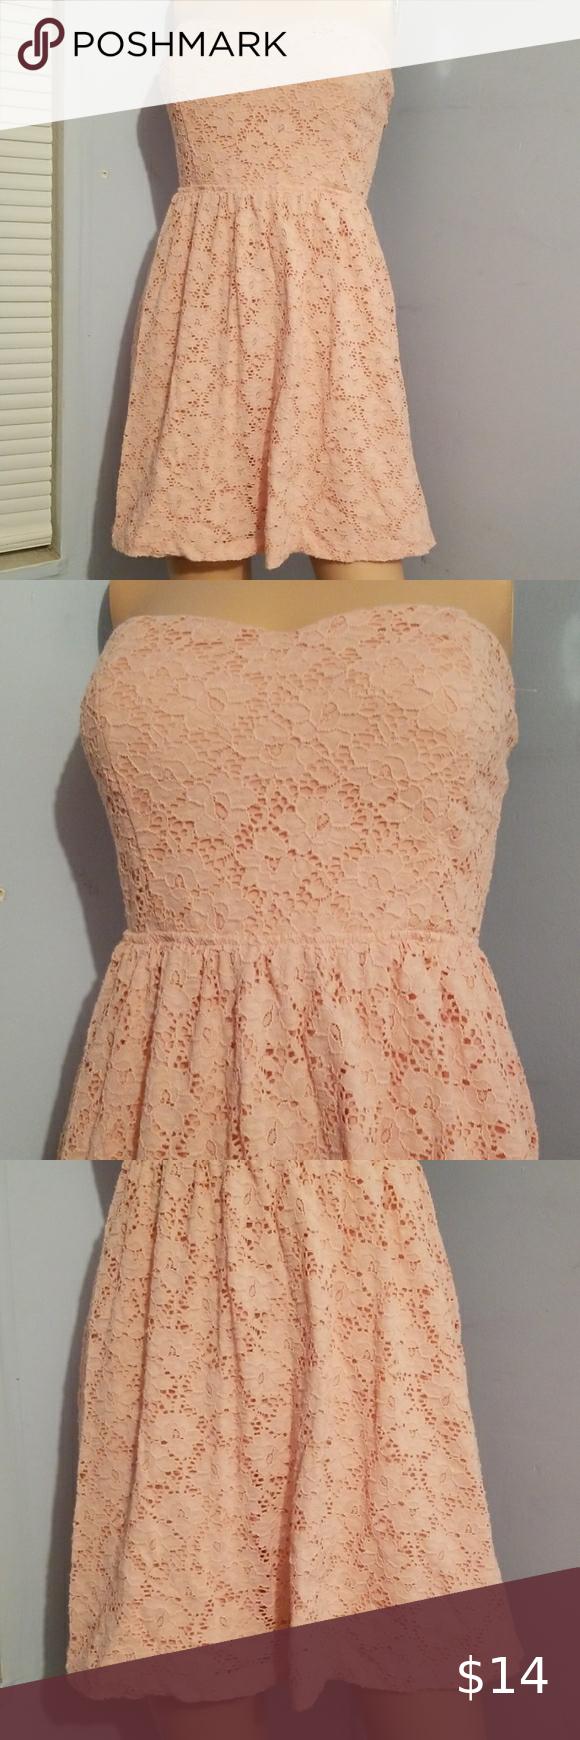 5 For 25 Windsor Strapless Summer Dress Summer Dresses Strapless Summer Dress Dresses [ 1740 x 580 Pixel ]